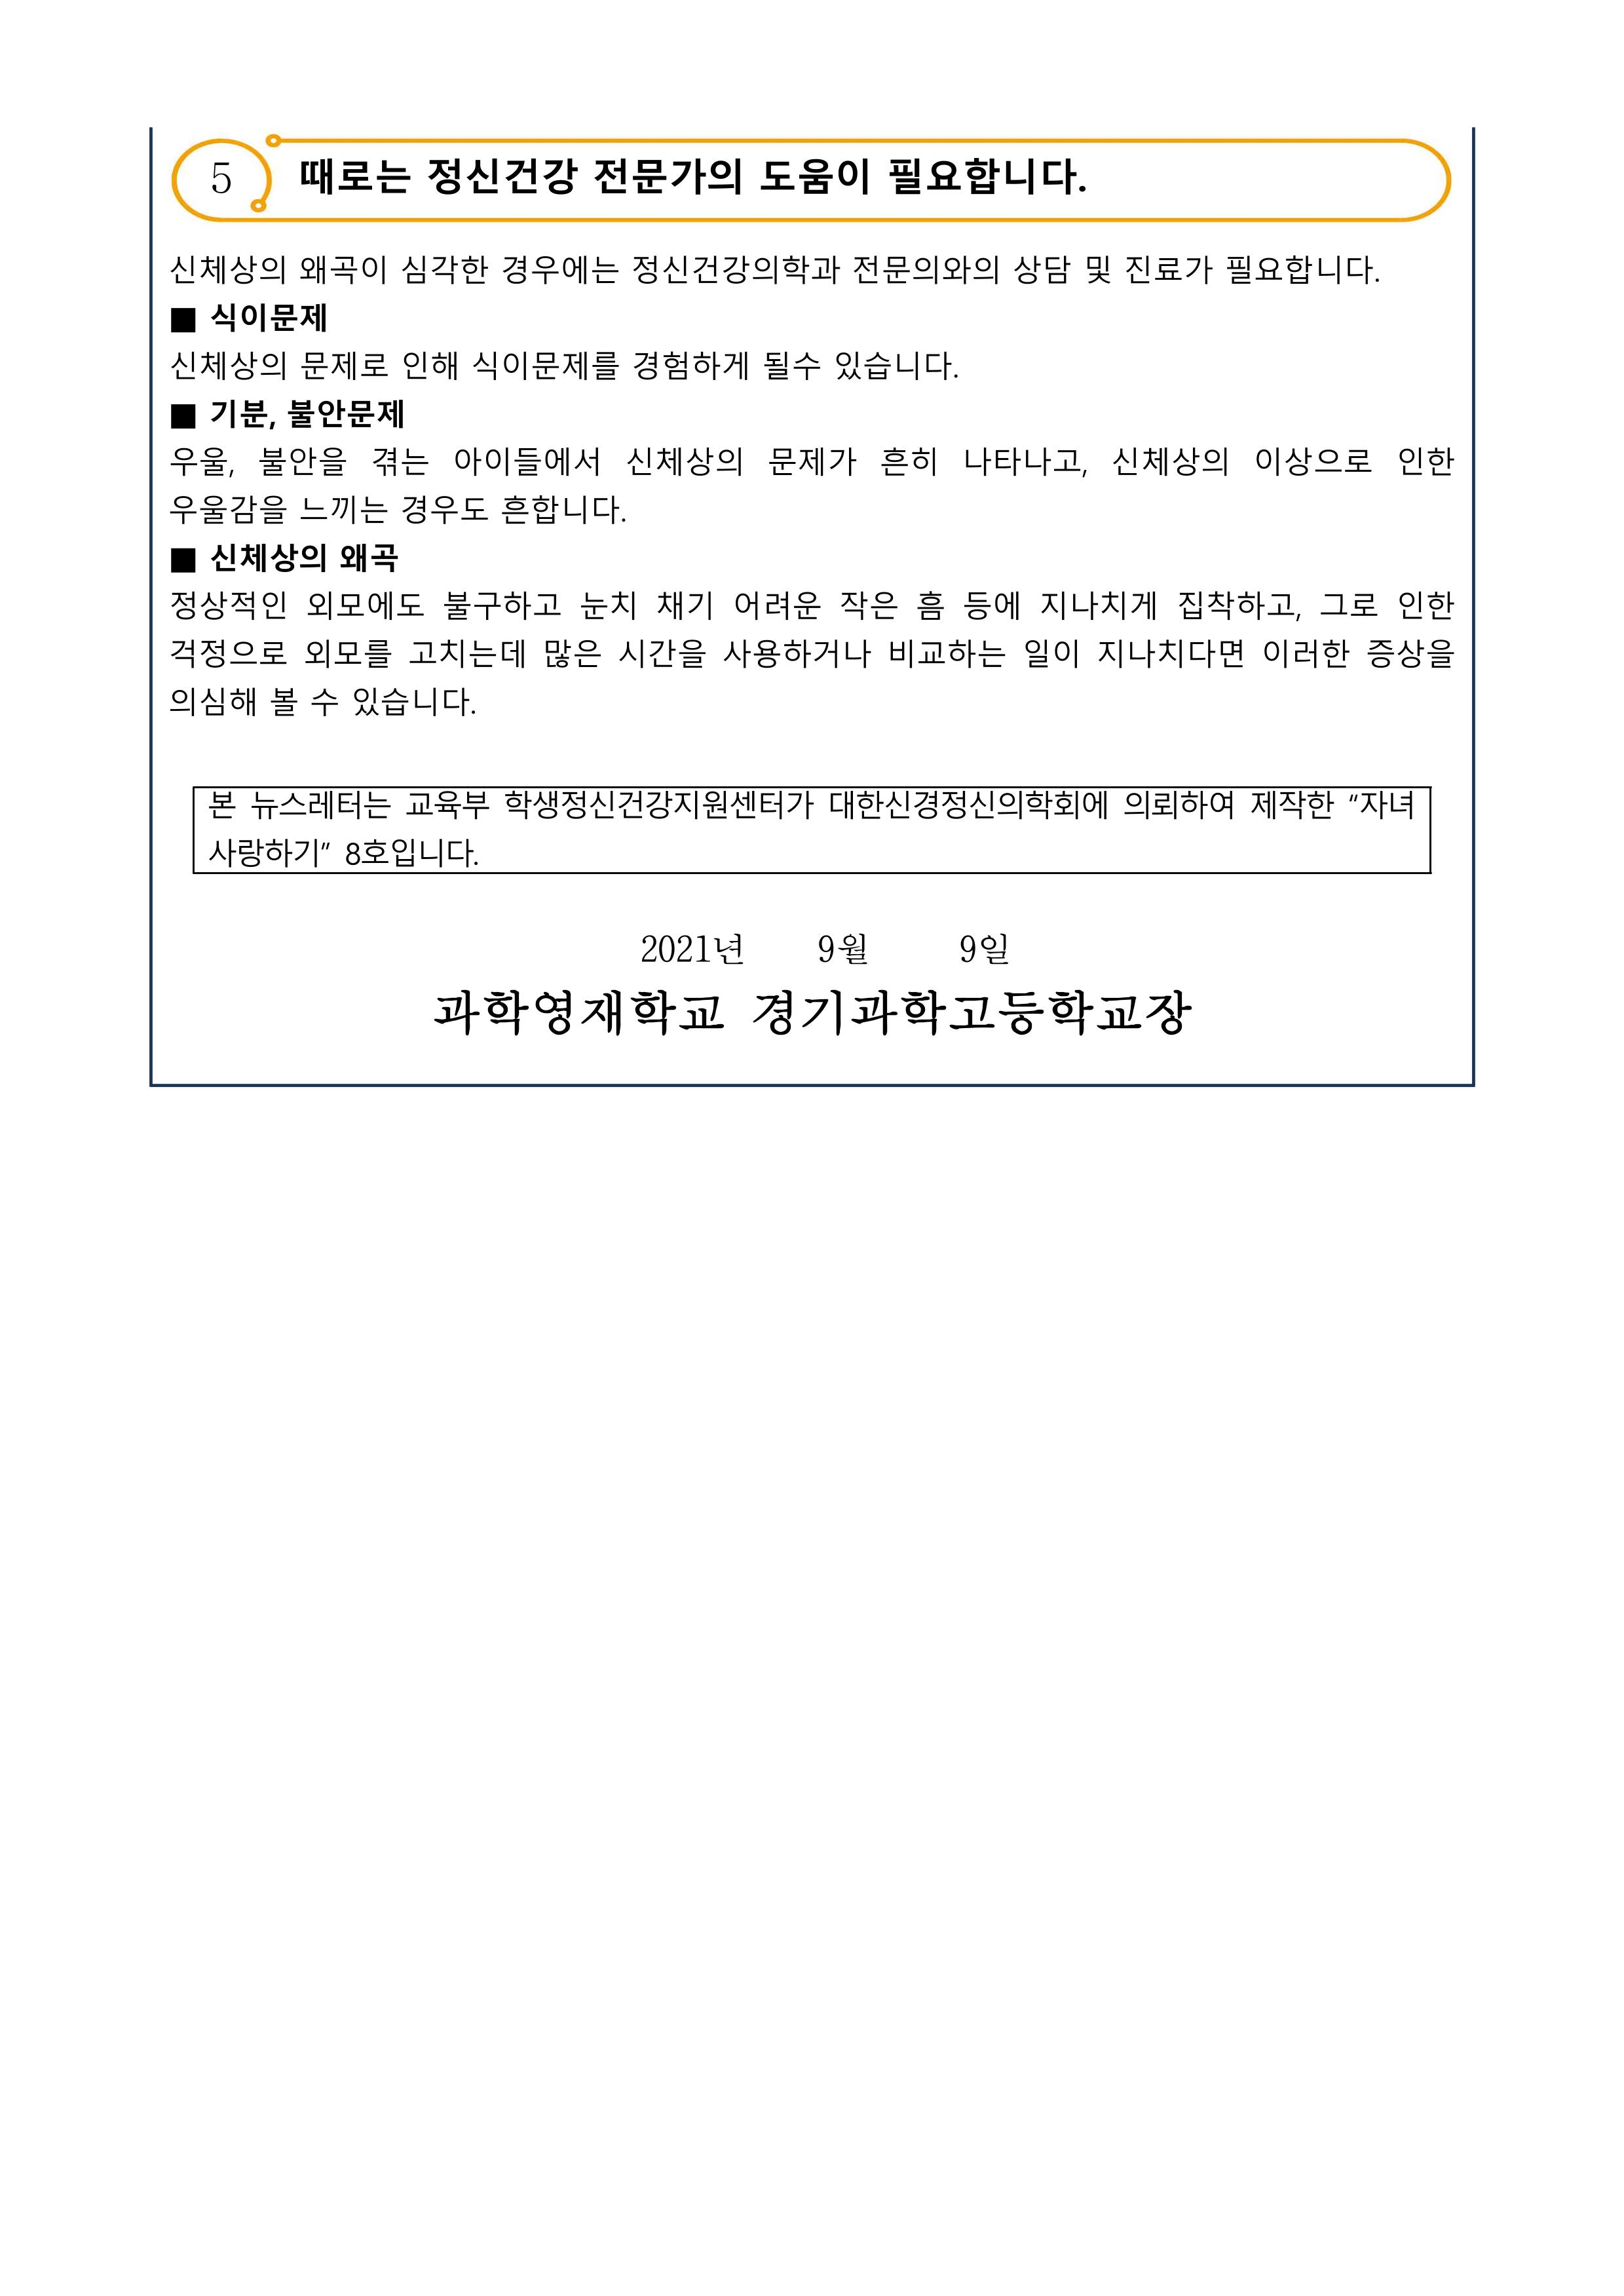 뉴스레터 자녀사랑하기 제2021-8호 가정통신문 3Page.